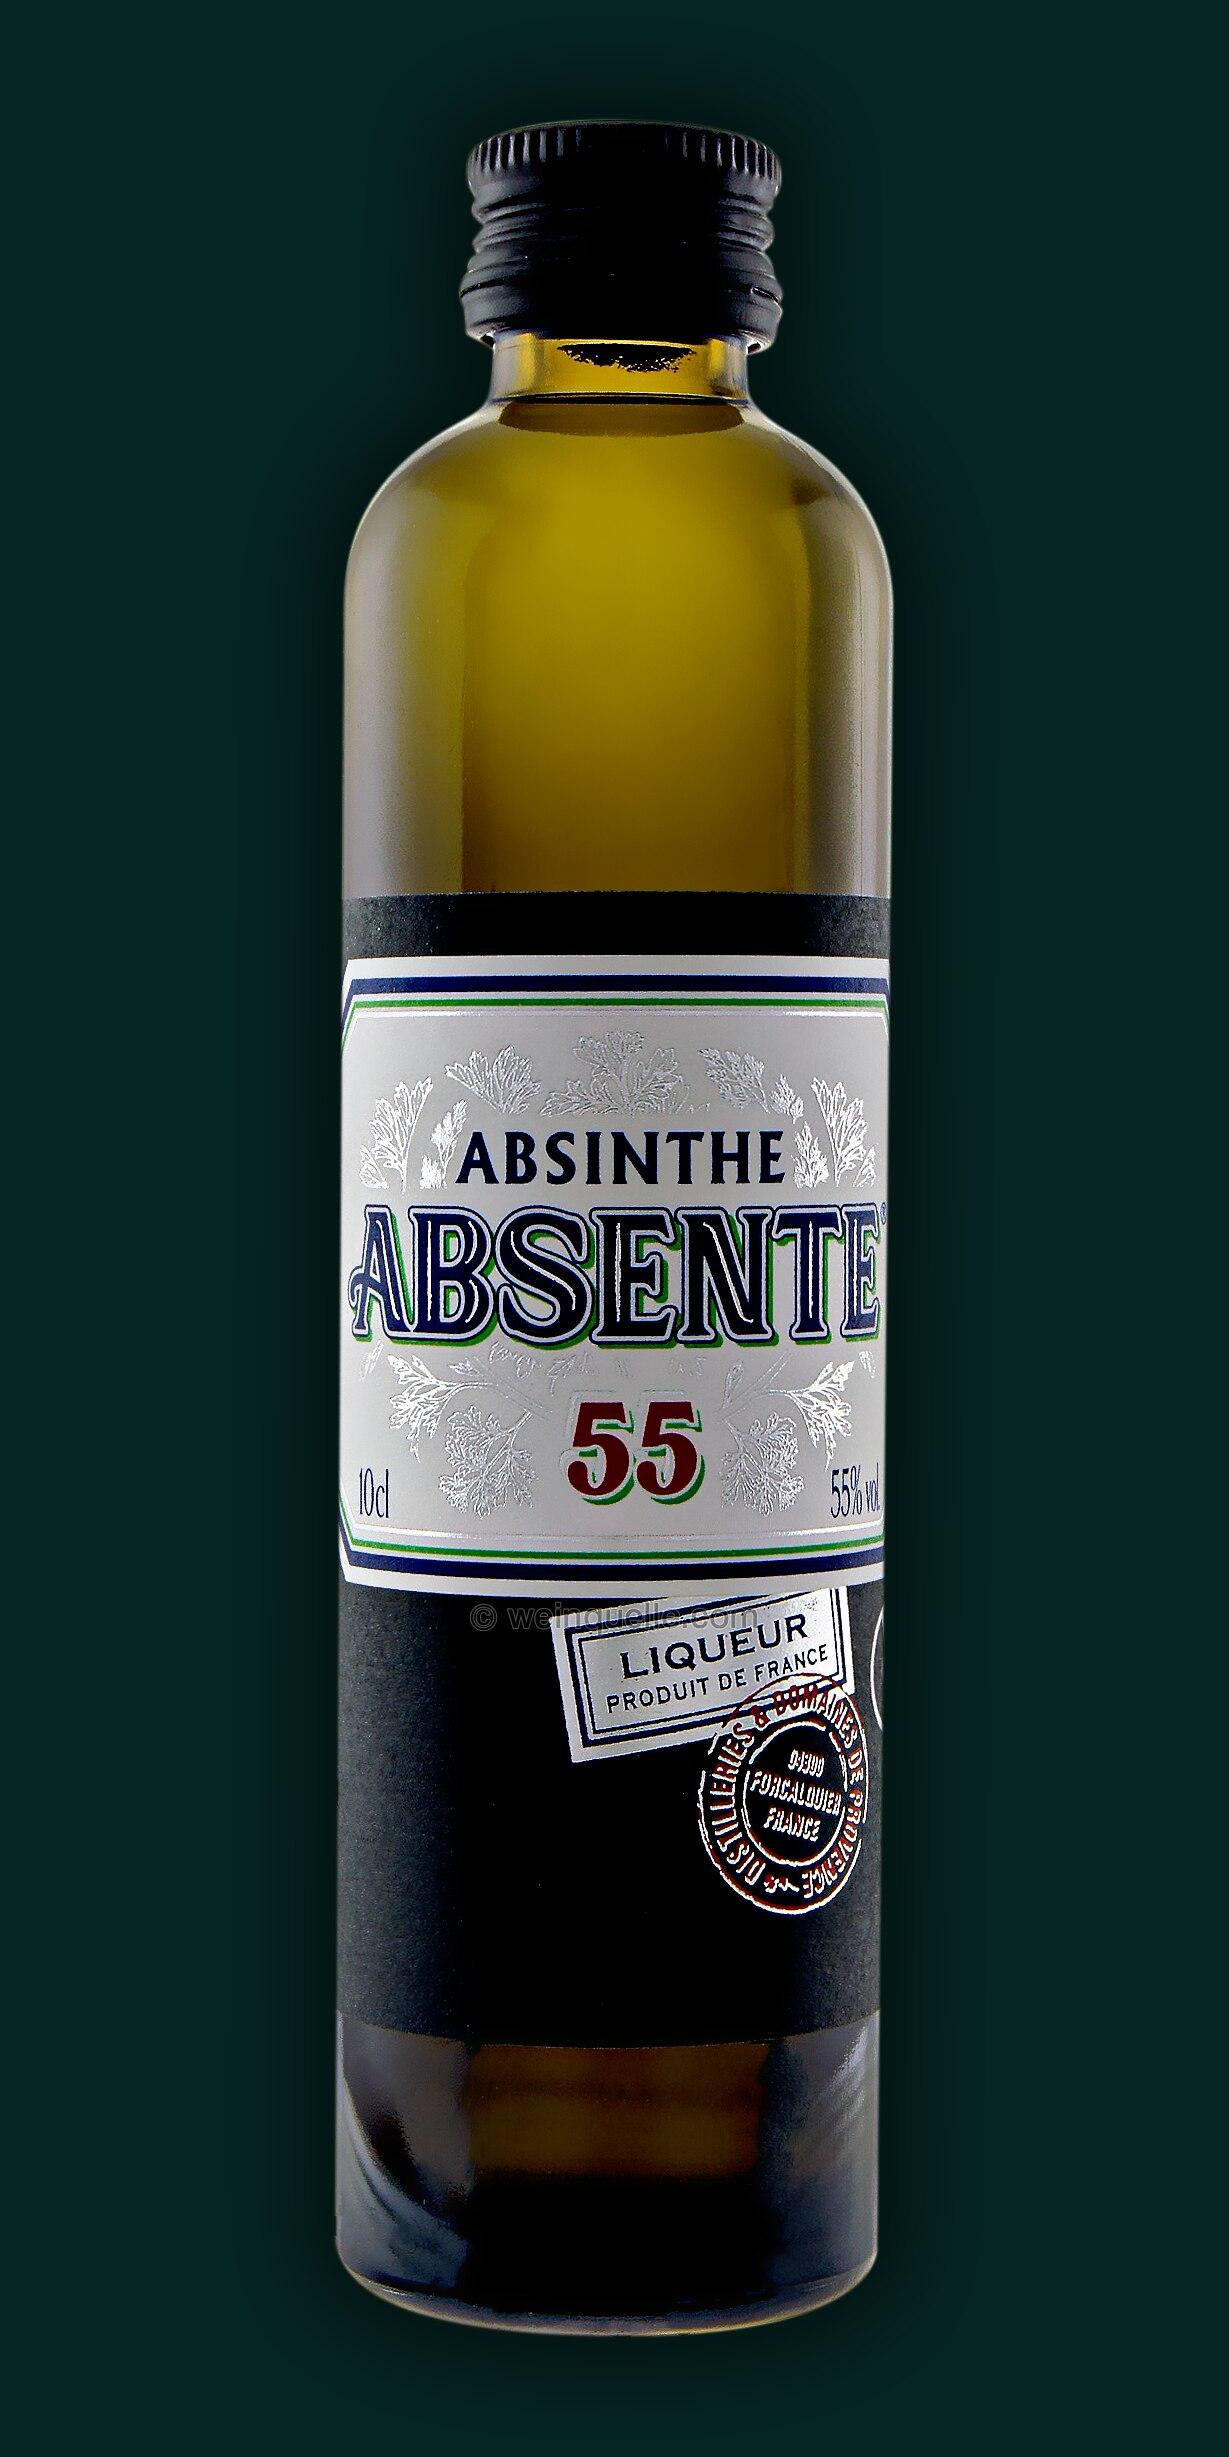 absinth absente frankreich 0 10 liter 6 50 weinquelle. Black Bedroom Furniture Sets. Home Design Ideas